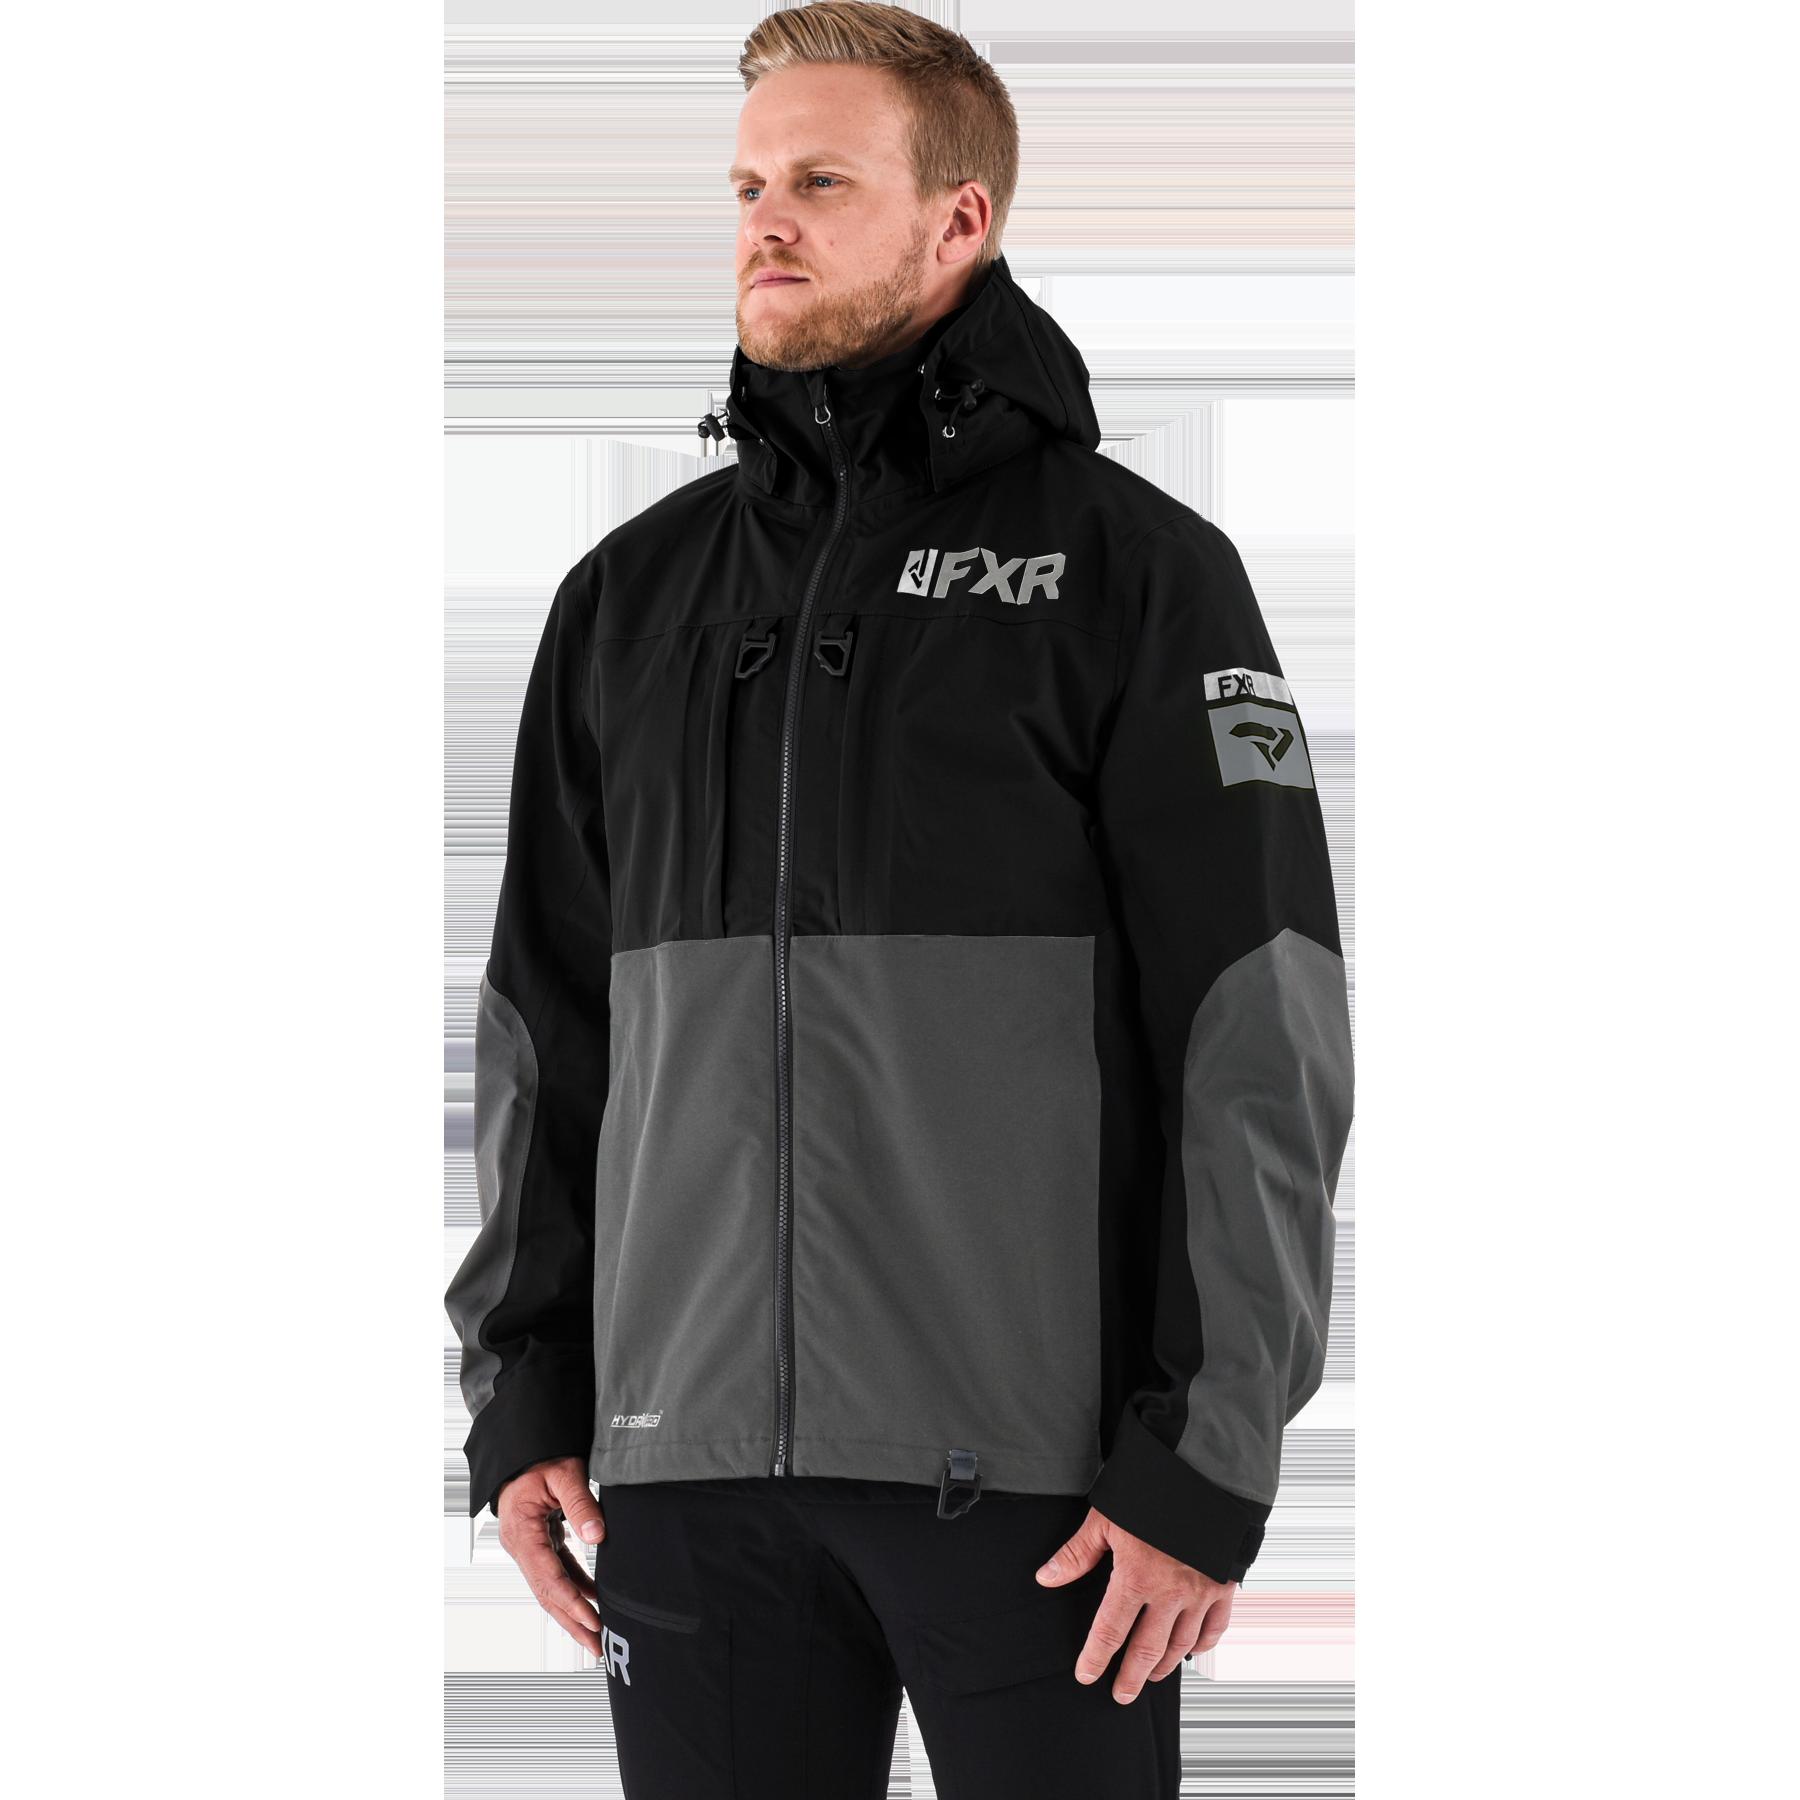 Vapor Pro Tri-Laminate Jacket KI 1